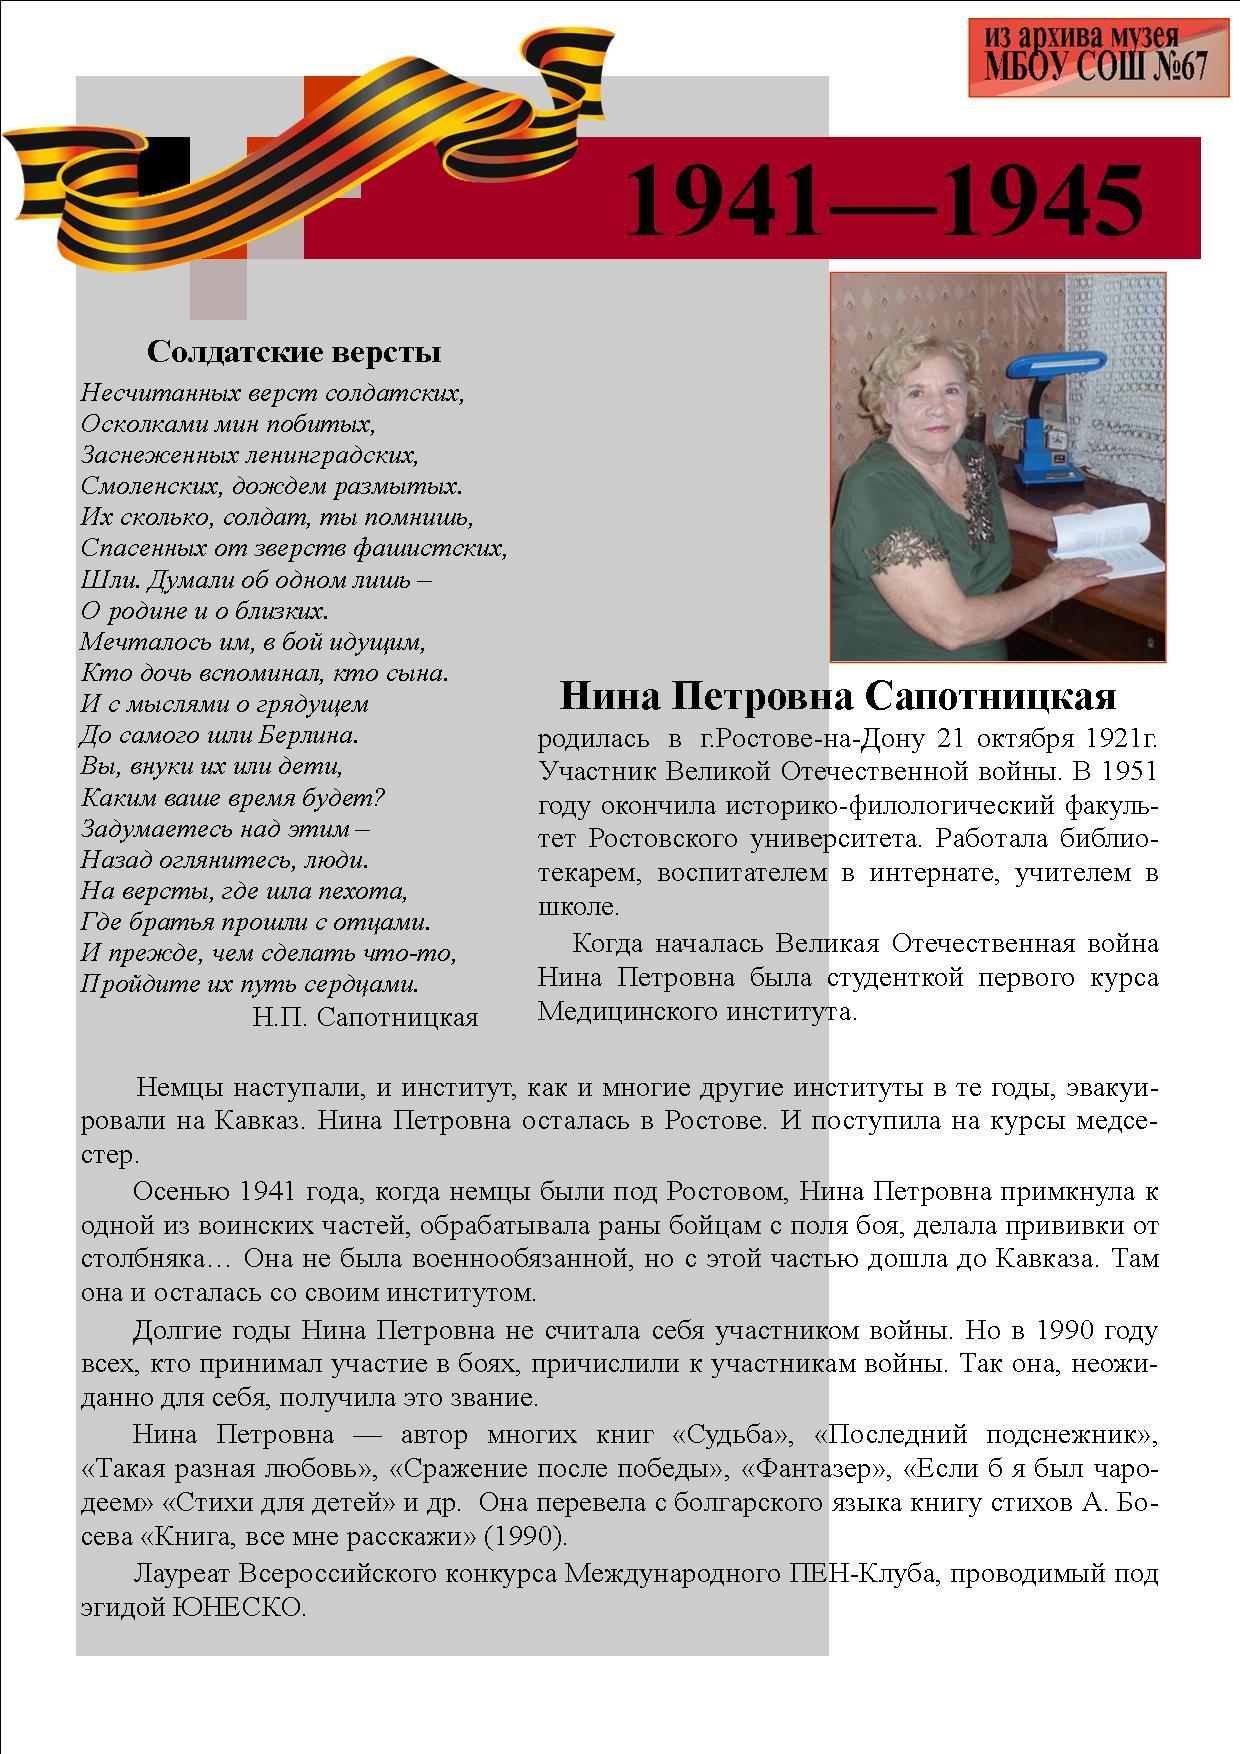 Сапотницкая Н.П.